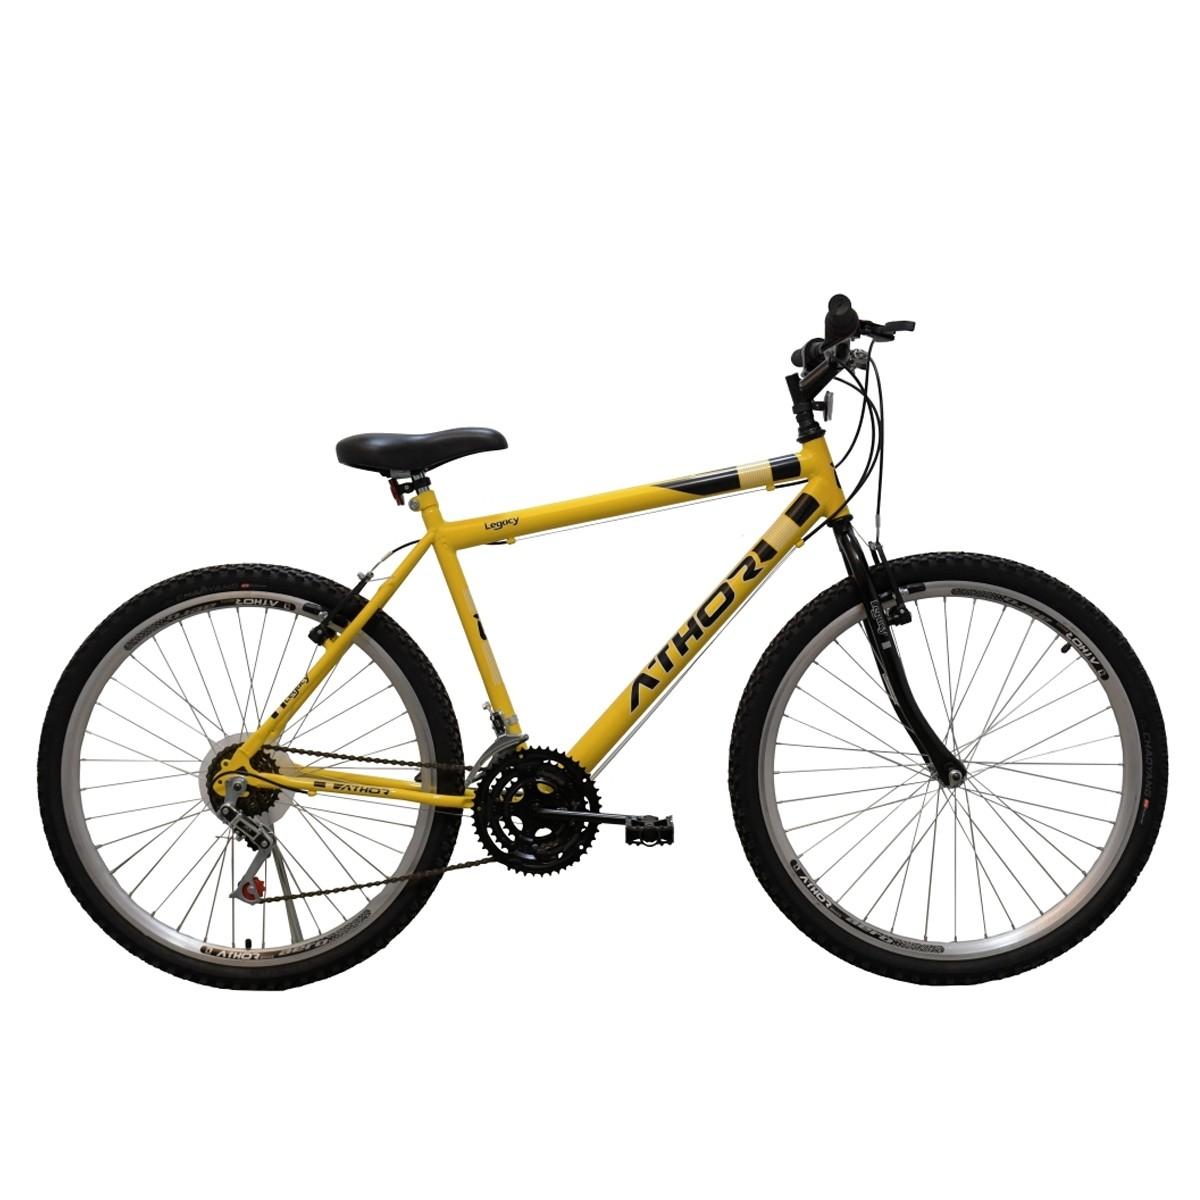 Bicicleta Athor Legacy Passeio Aro 26 18v Masculino